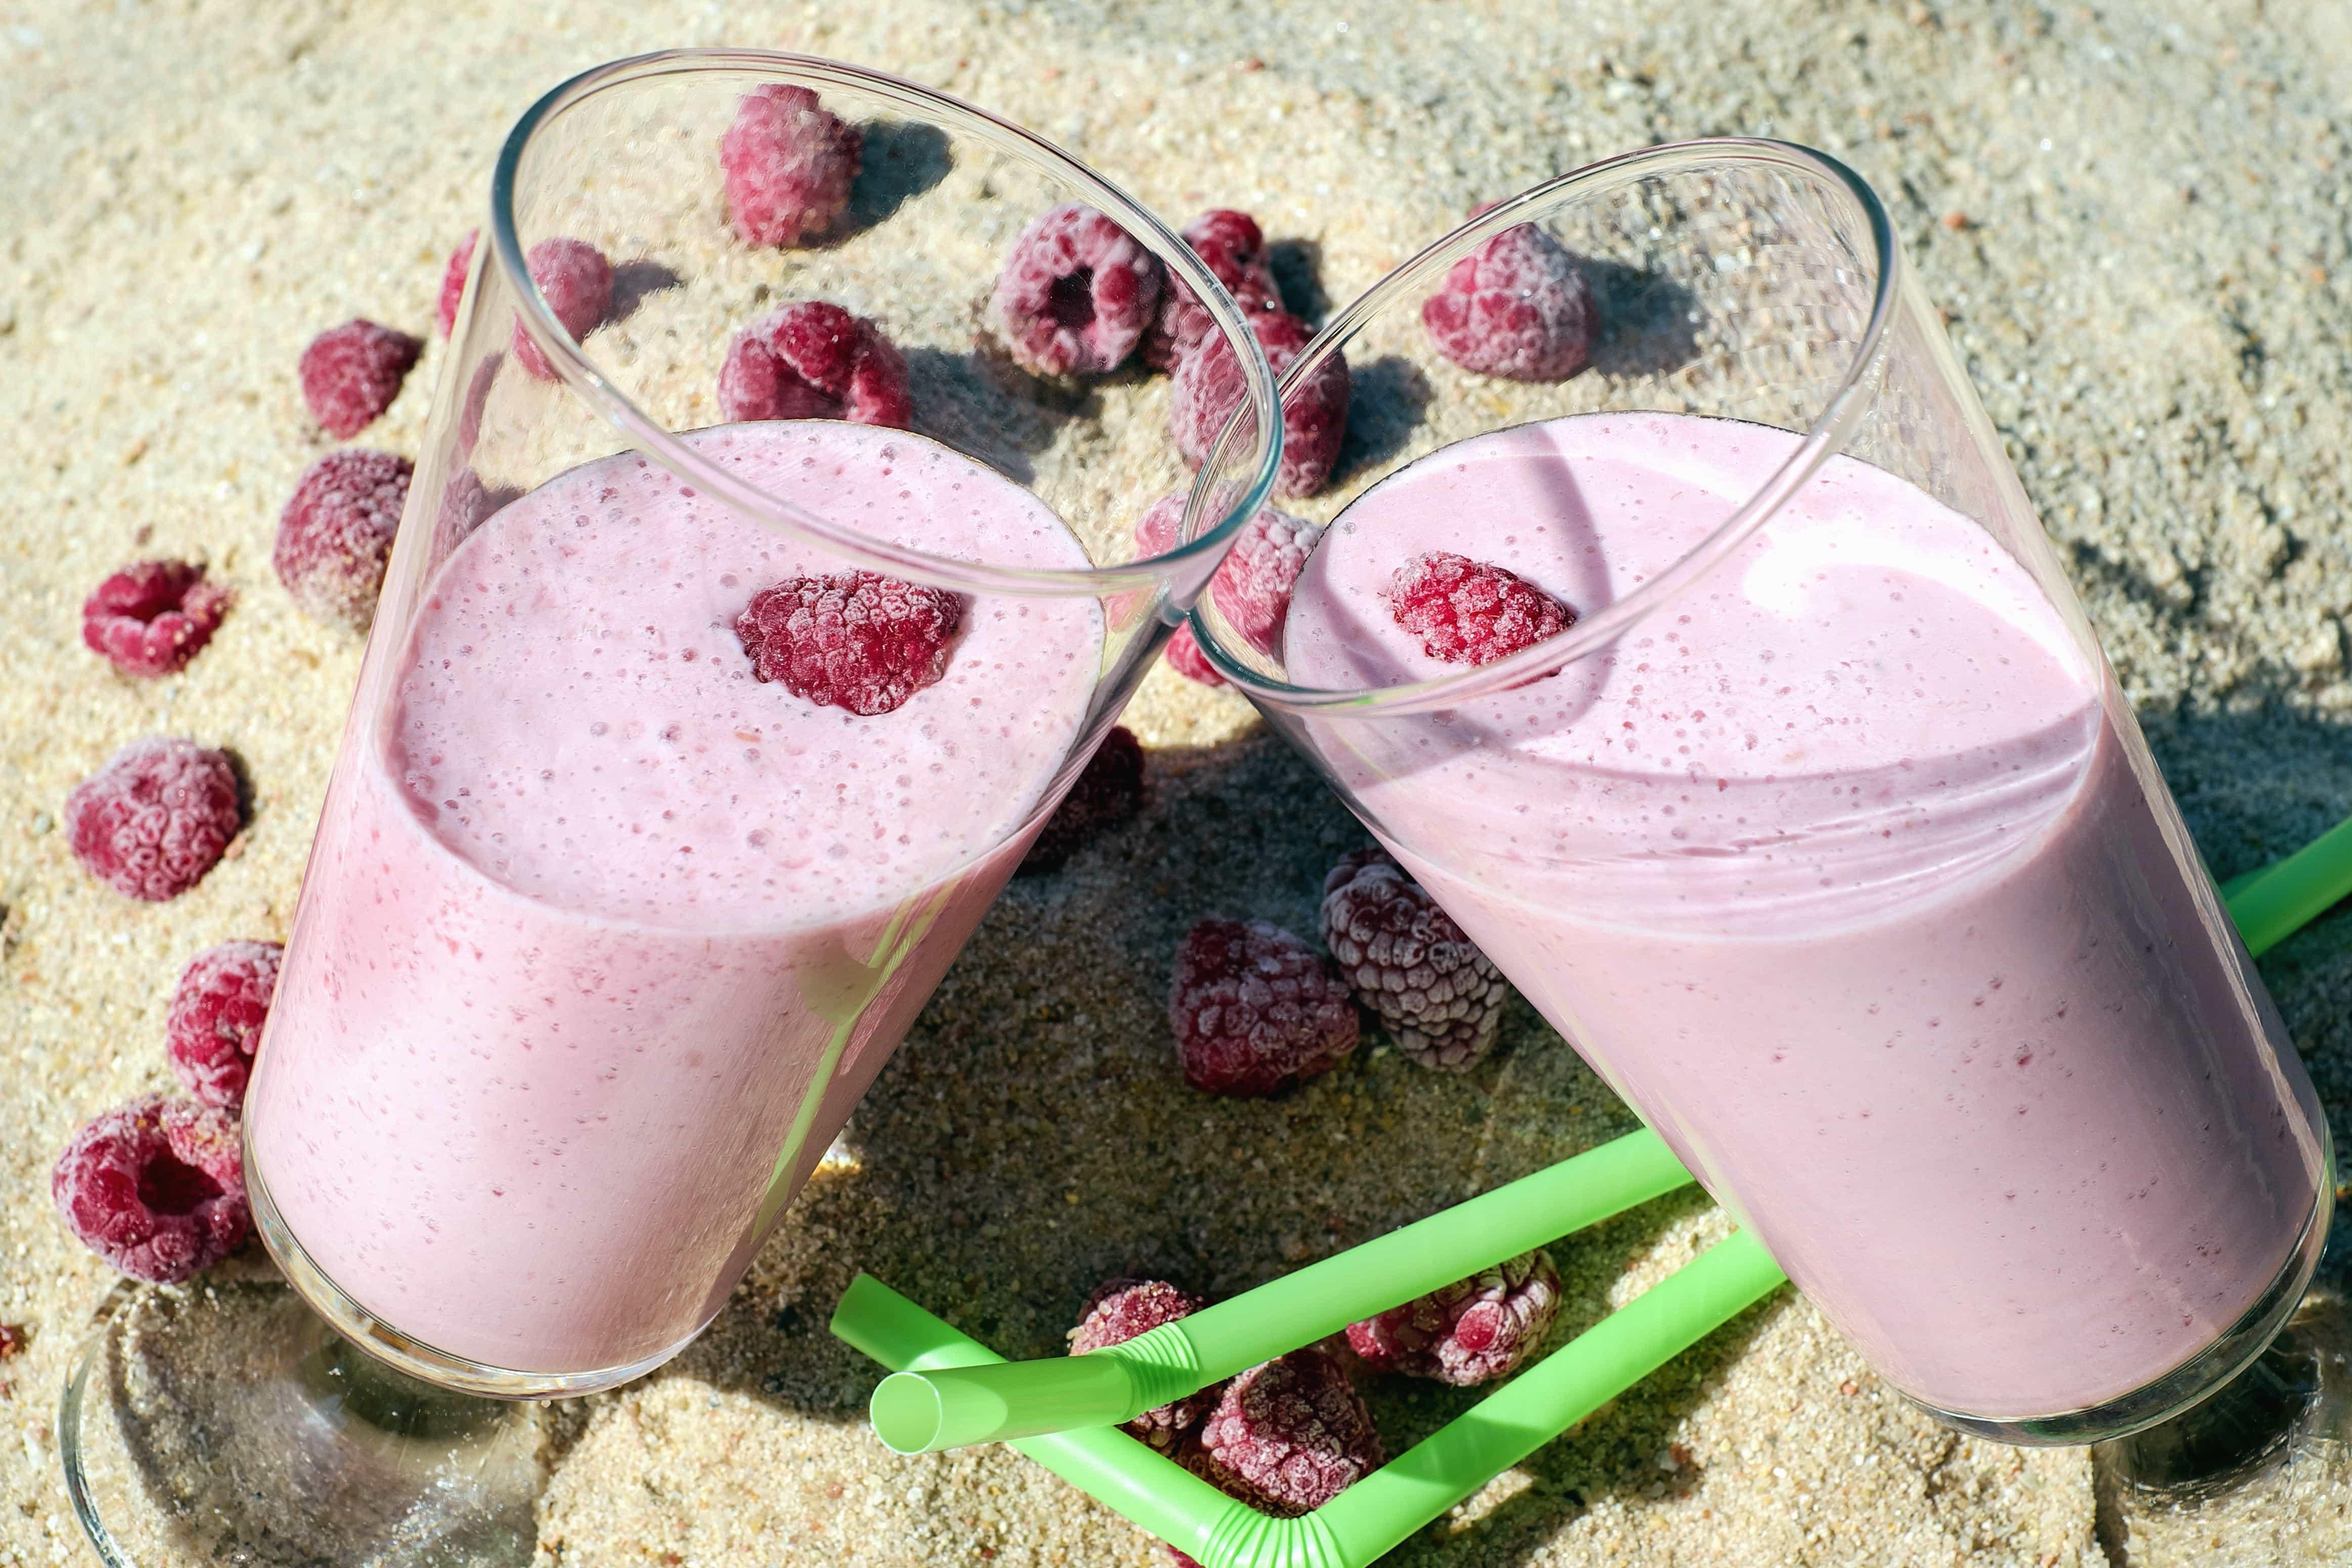 Kostenlose Bild: Glas, Sommer, Essen, süß, Getränke, Obst, Getränke ...